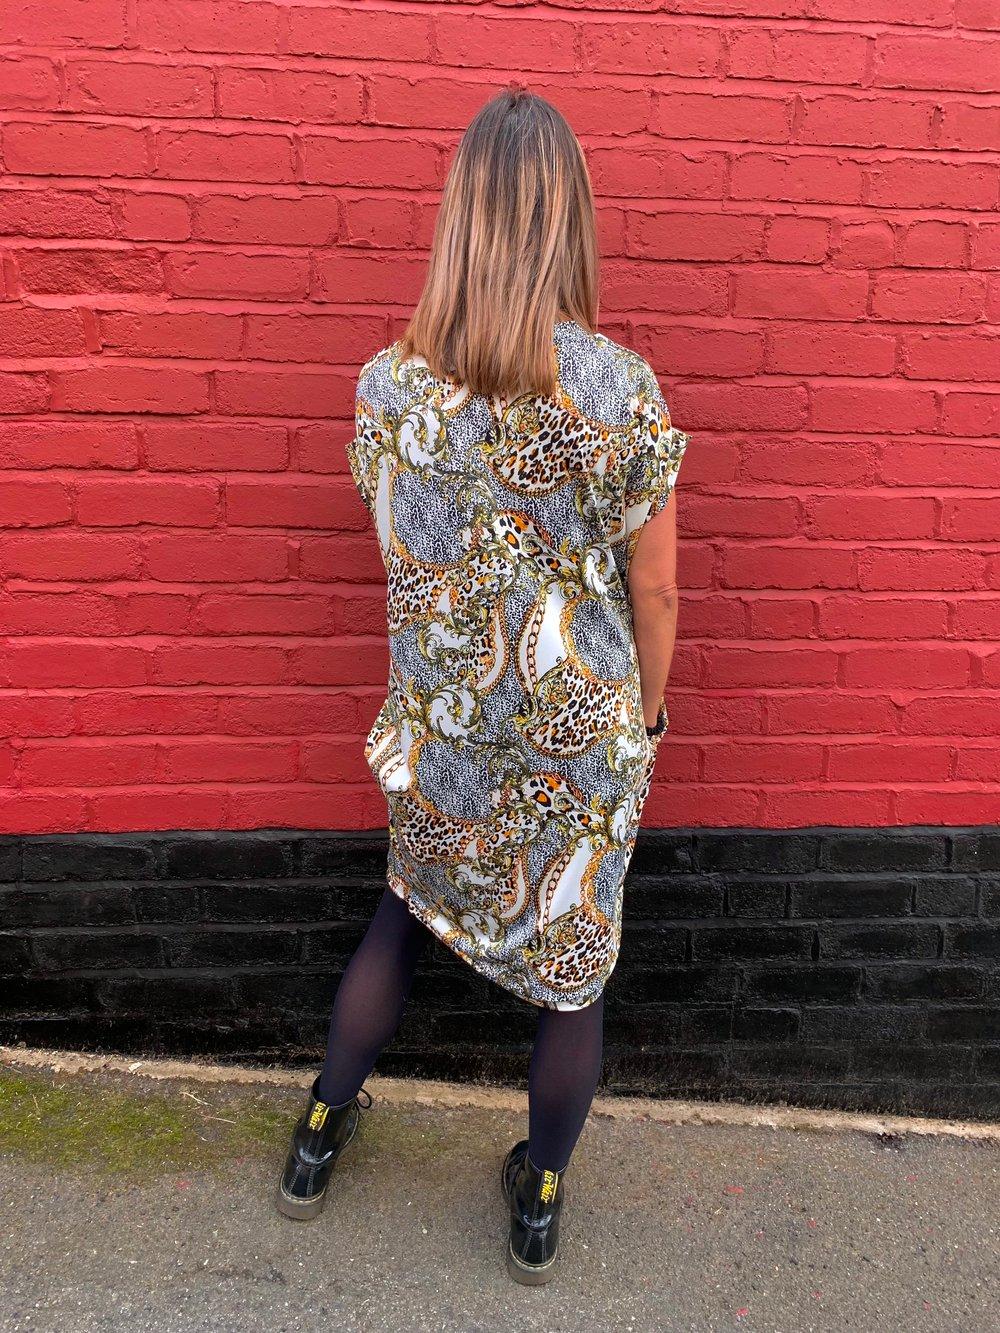 Milano pocket dress - Rihanna fabric